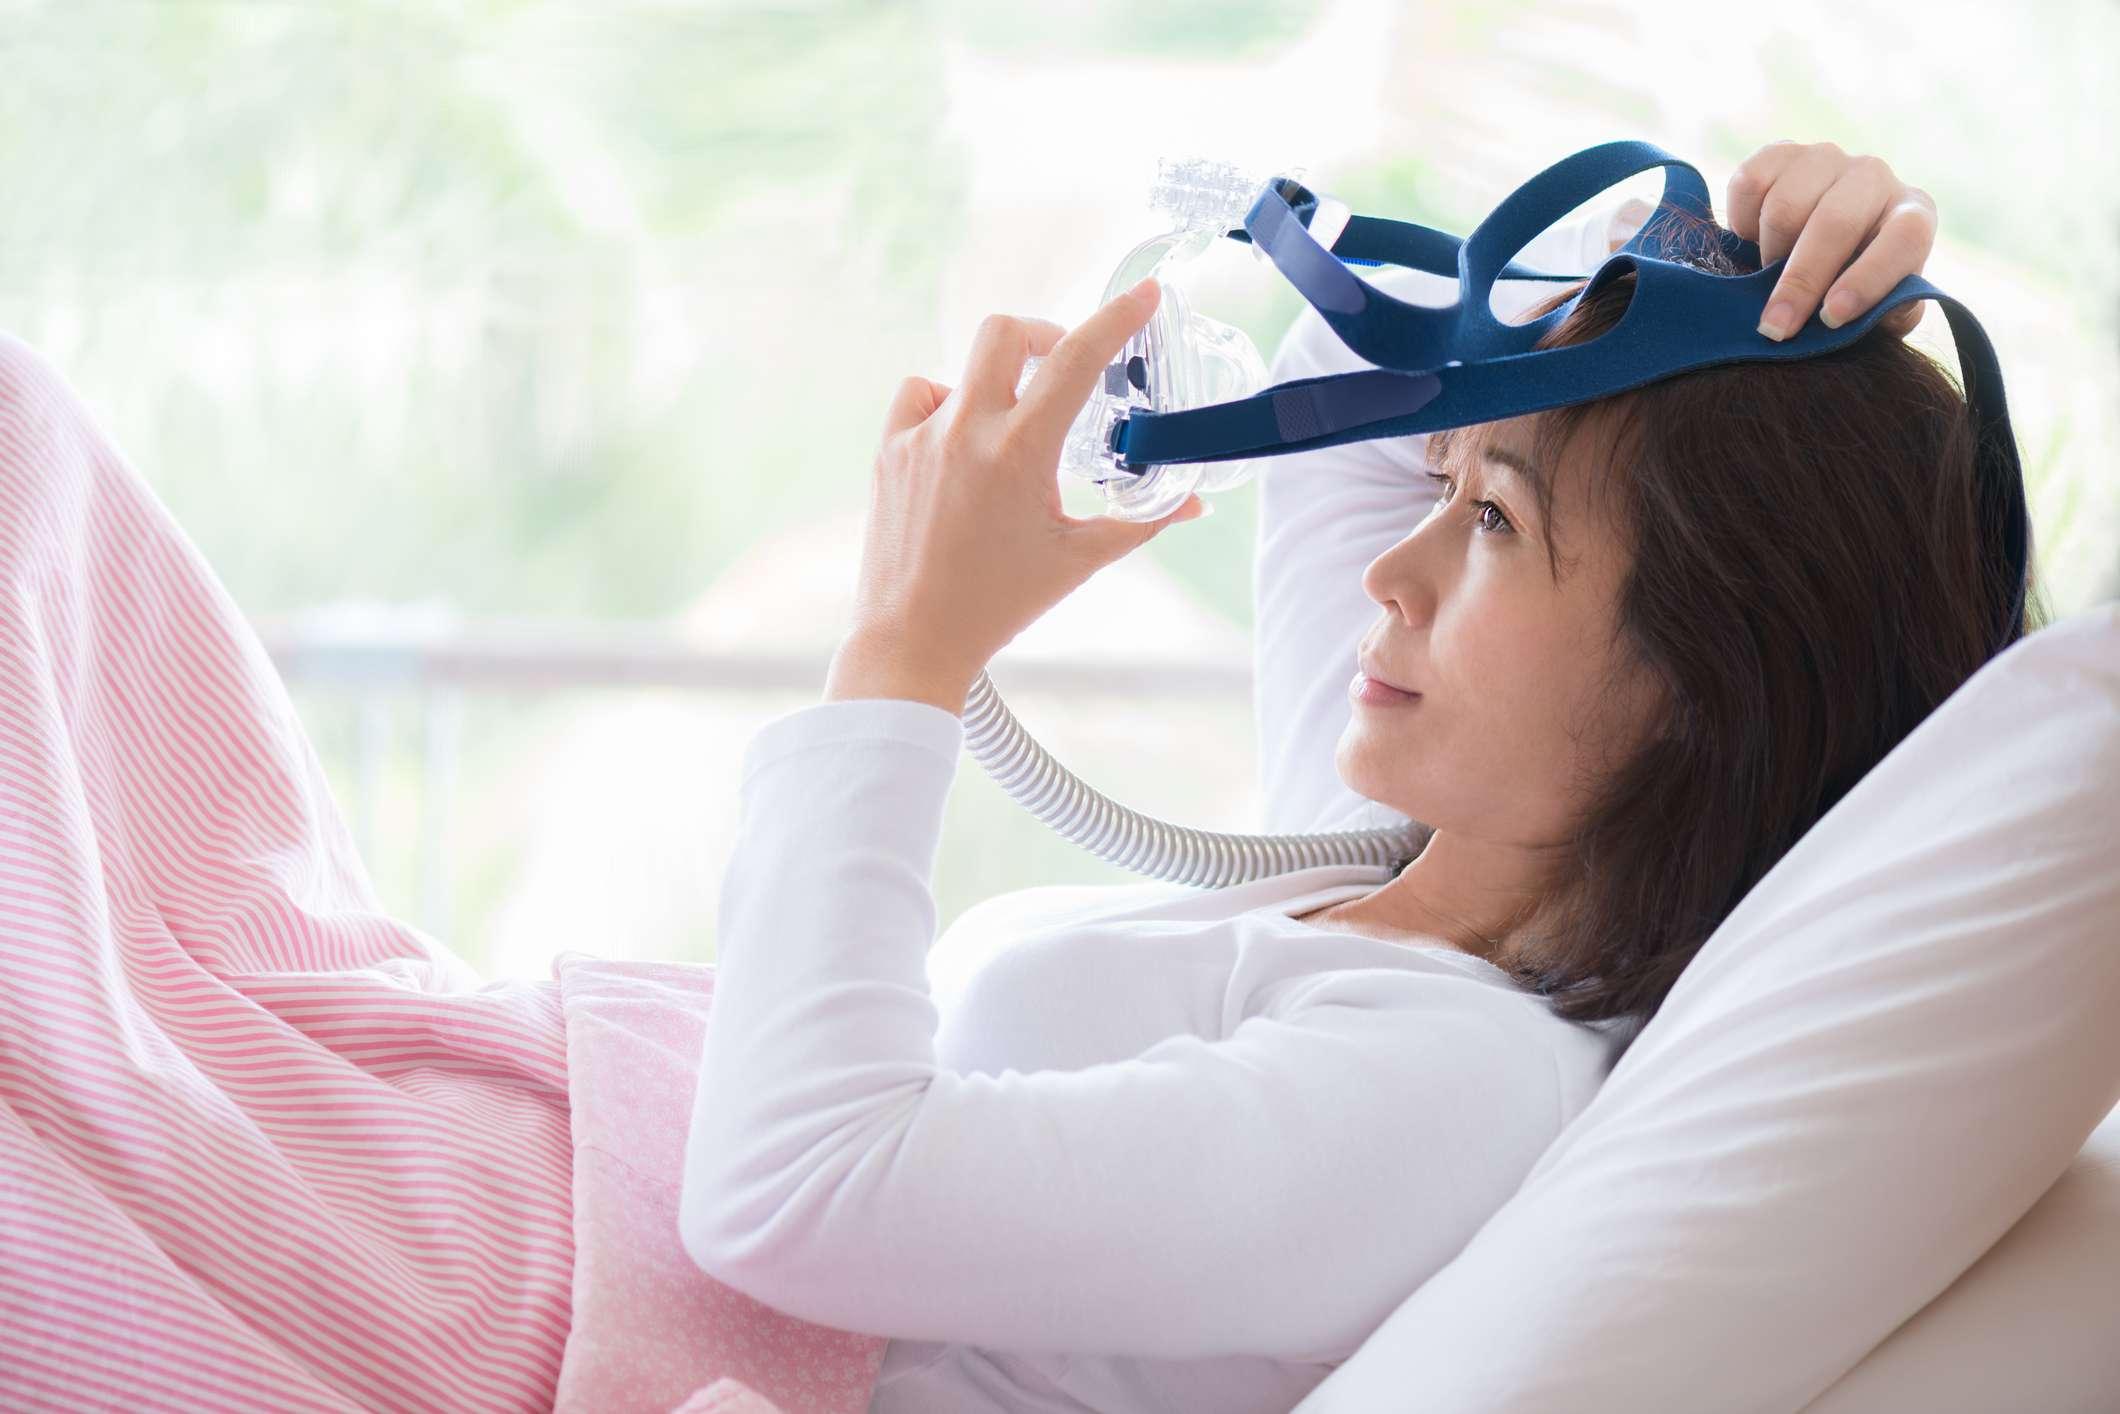 woman with sleep apnea mask